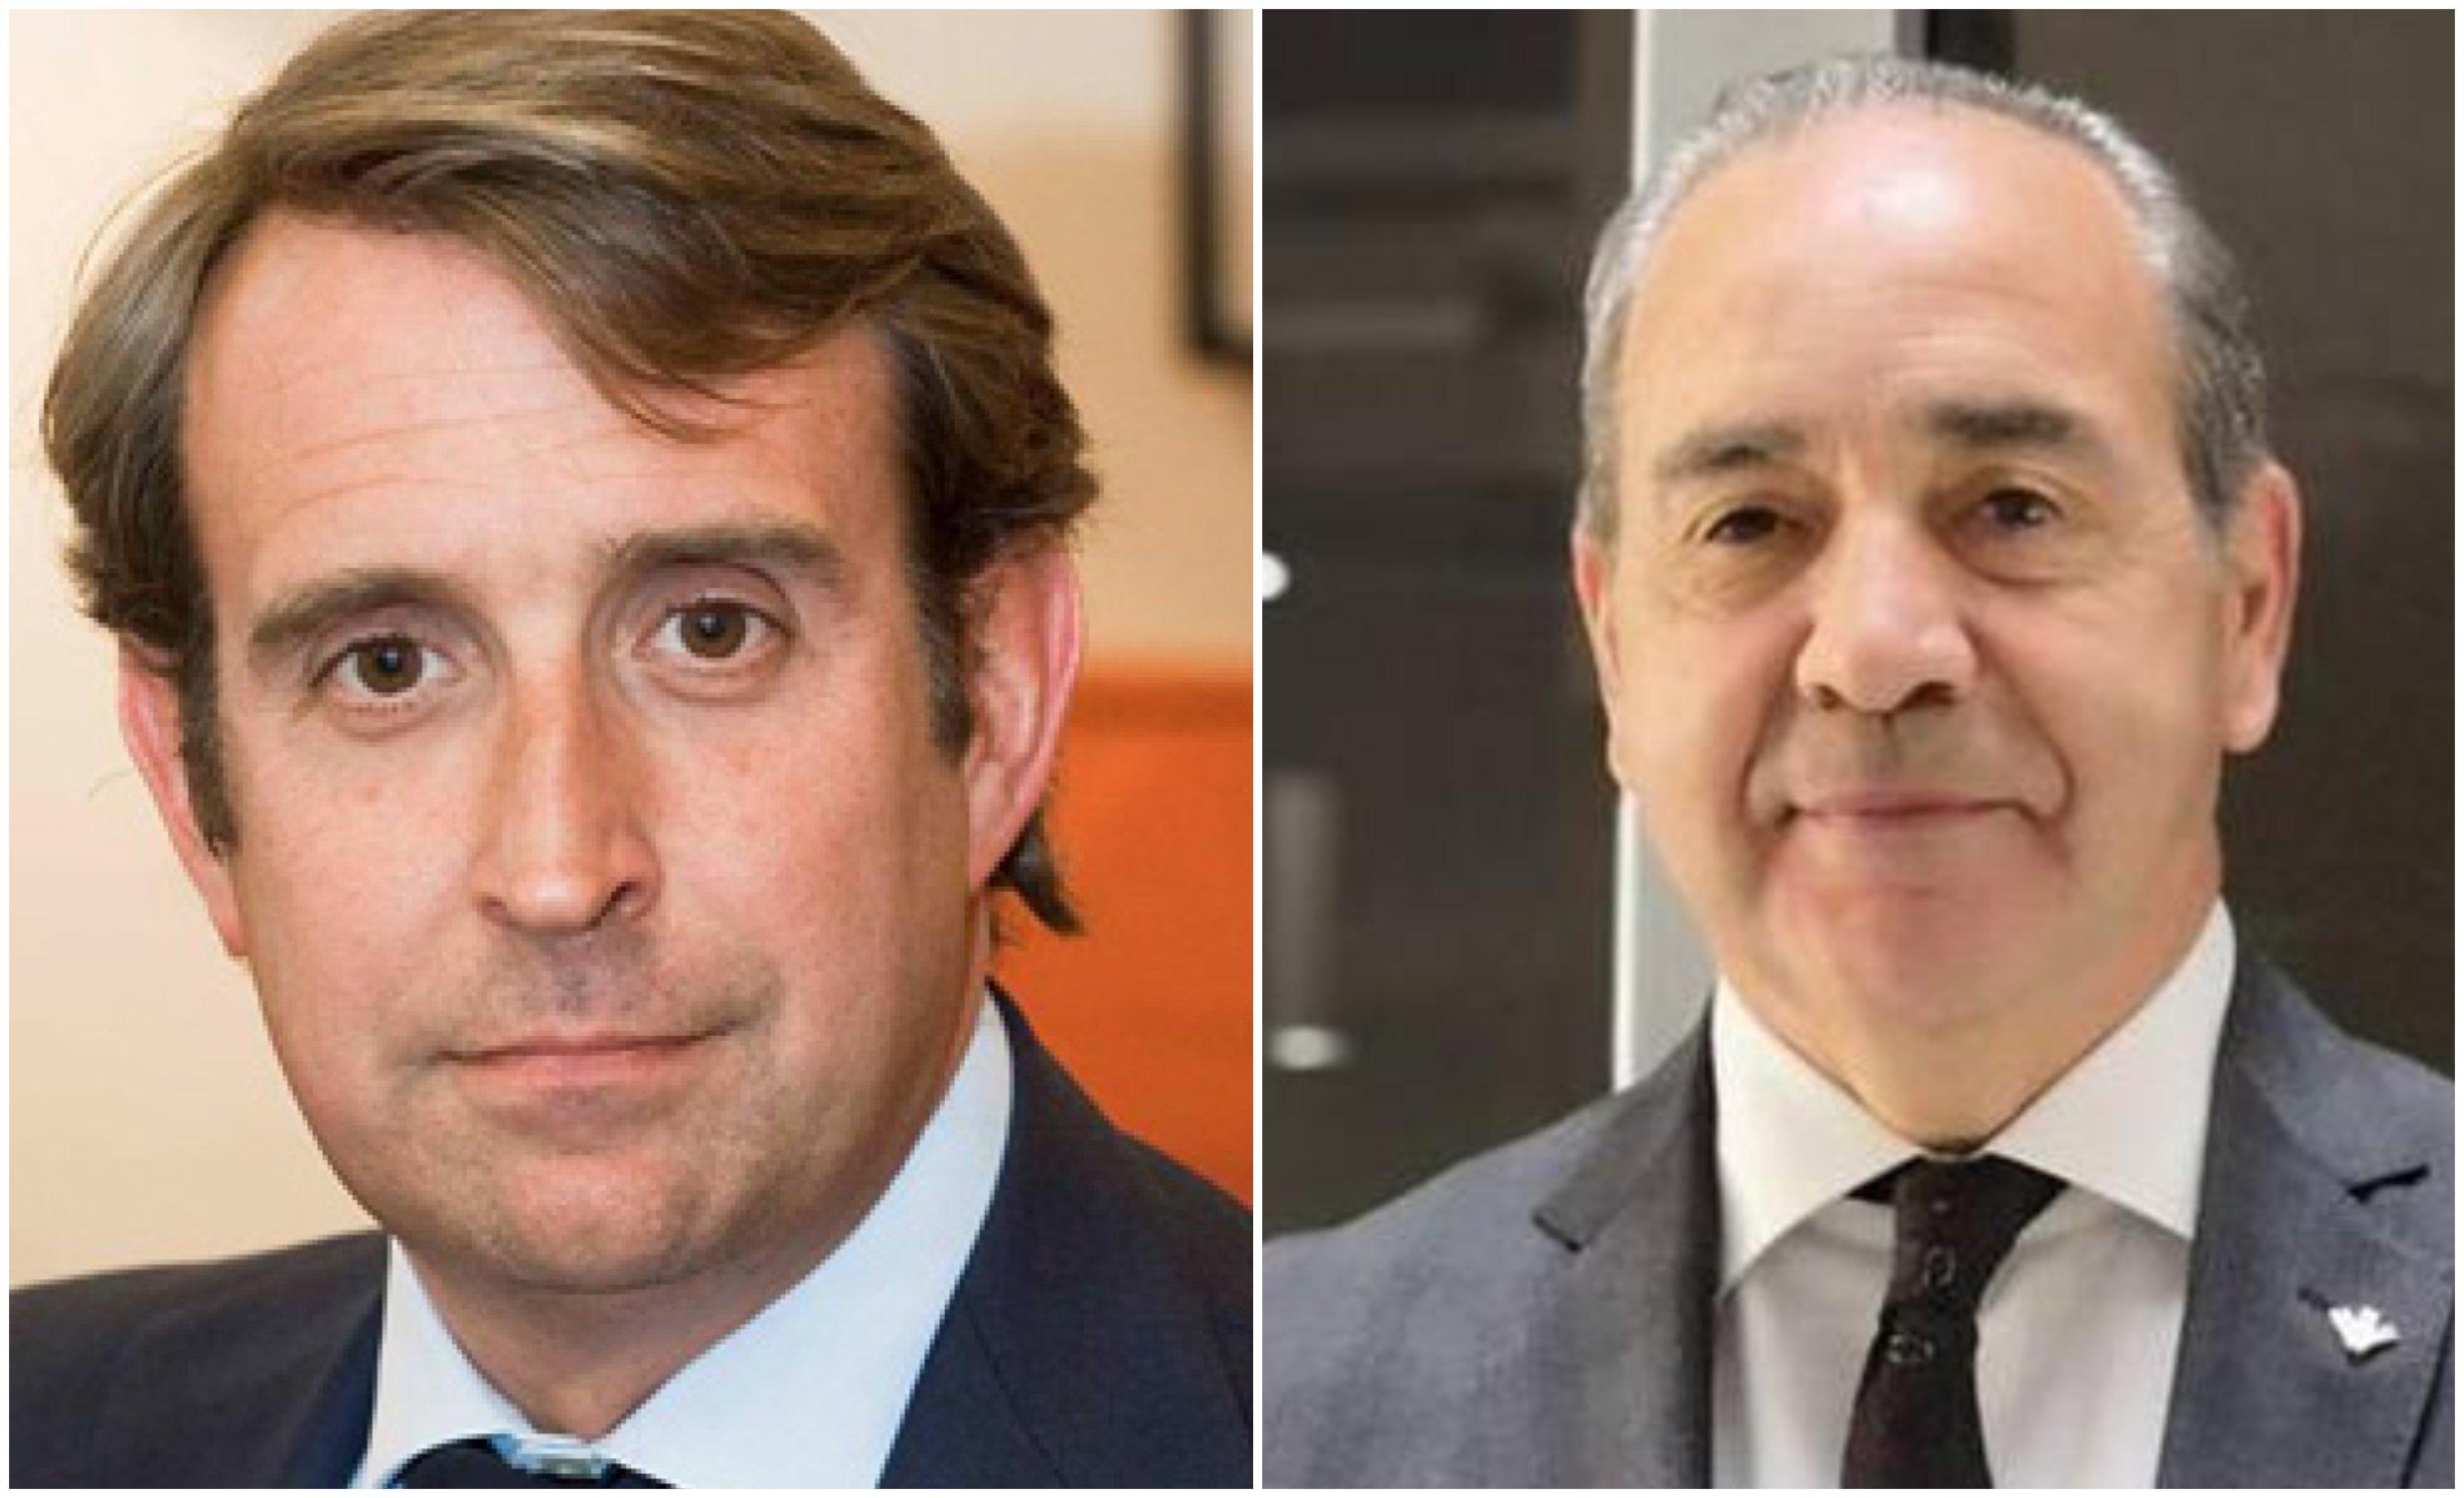 Javier Oficialdegui (UBS), quiere fusiones, Cipriano García (Caja Rural de Zamora), no